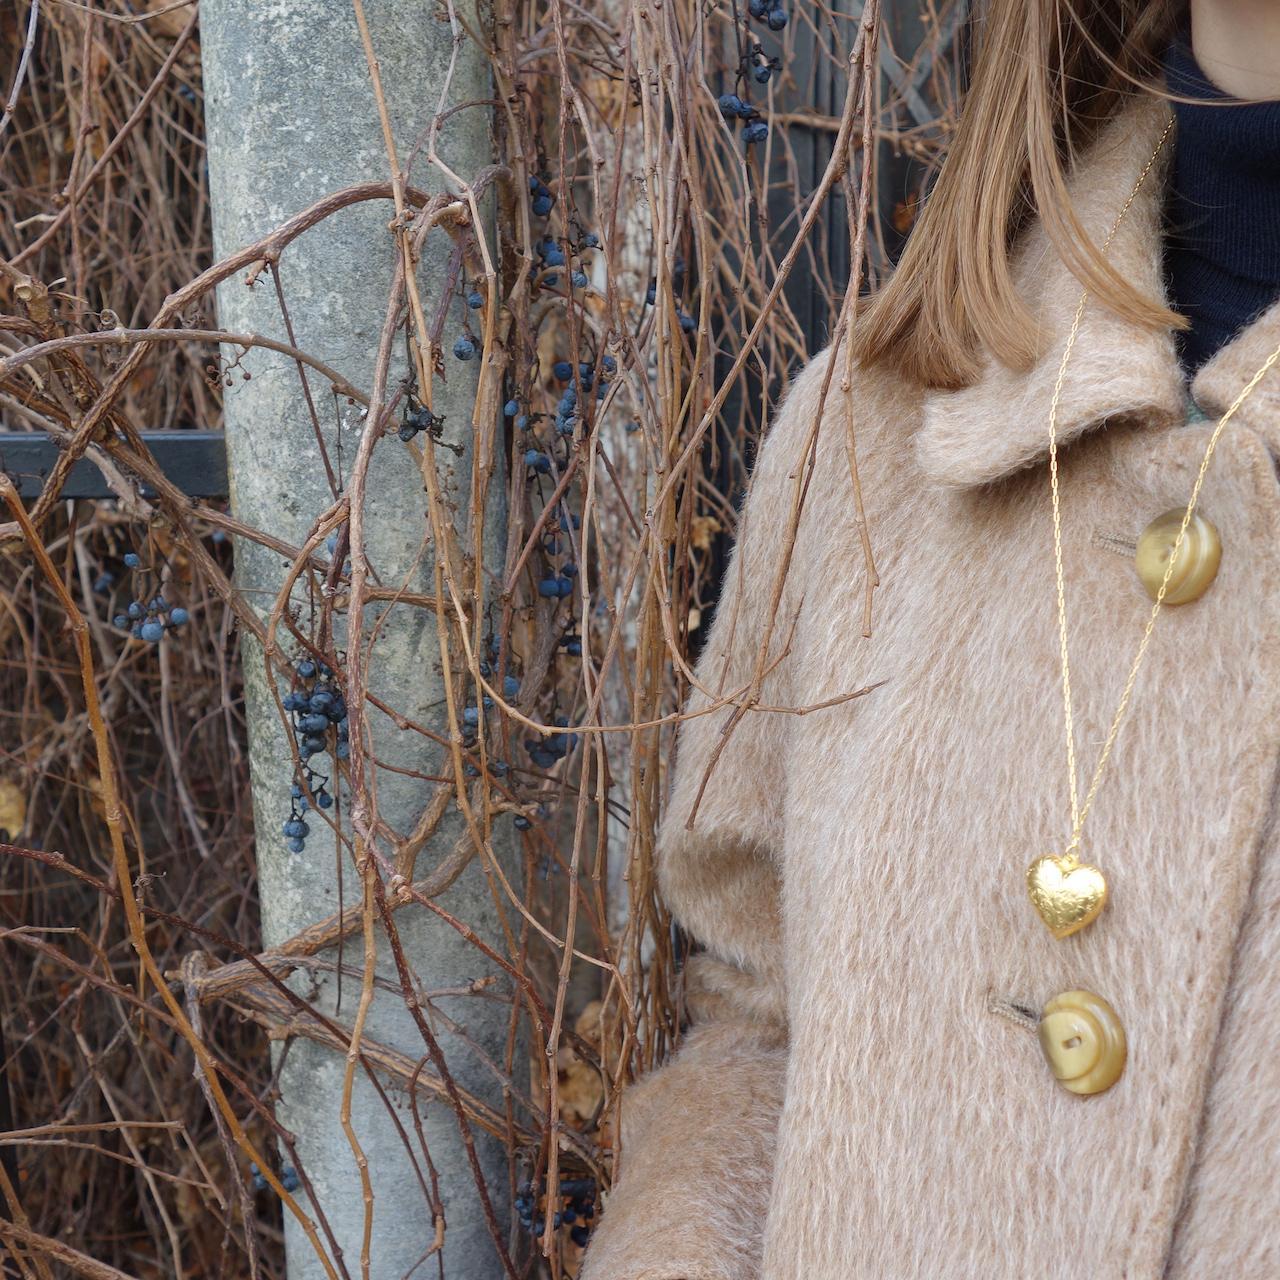 Collier-sautoir-saskia-roulotte-dore-or-fin-retro-vintage-ouvrage-amour-coeur-precieux-photo-mannequin